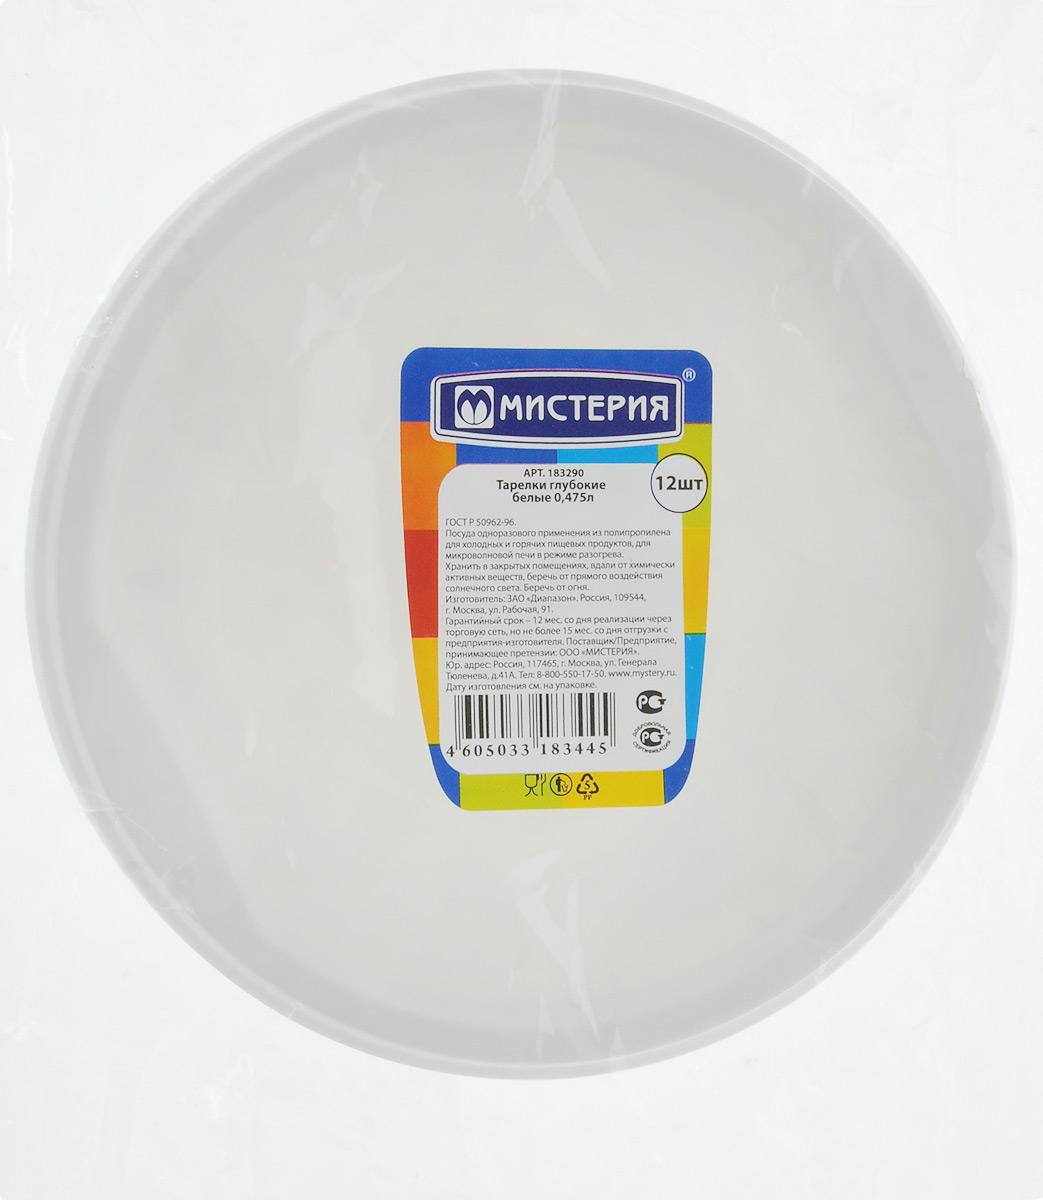 Набор одноразовых суповых тарелок Мистерия, 475 мл, 12 шт183290Набор Мистерия состоит из 12 круглых суповых тарелок, выполненных из полипропилена и предназначенных для одноразового использования. Одноразовые тарелки будут незаменимы при поездках на природу, пикниках и других мероприятиях. Они не займут много места, легки и самое главное - после использования их не надо мыть.Диаметр тарелки (по верхнему краю): 15 см.Высота тарелки: 4 см.Объем тарелки: 475 мл.